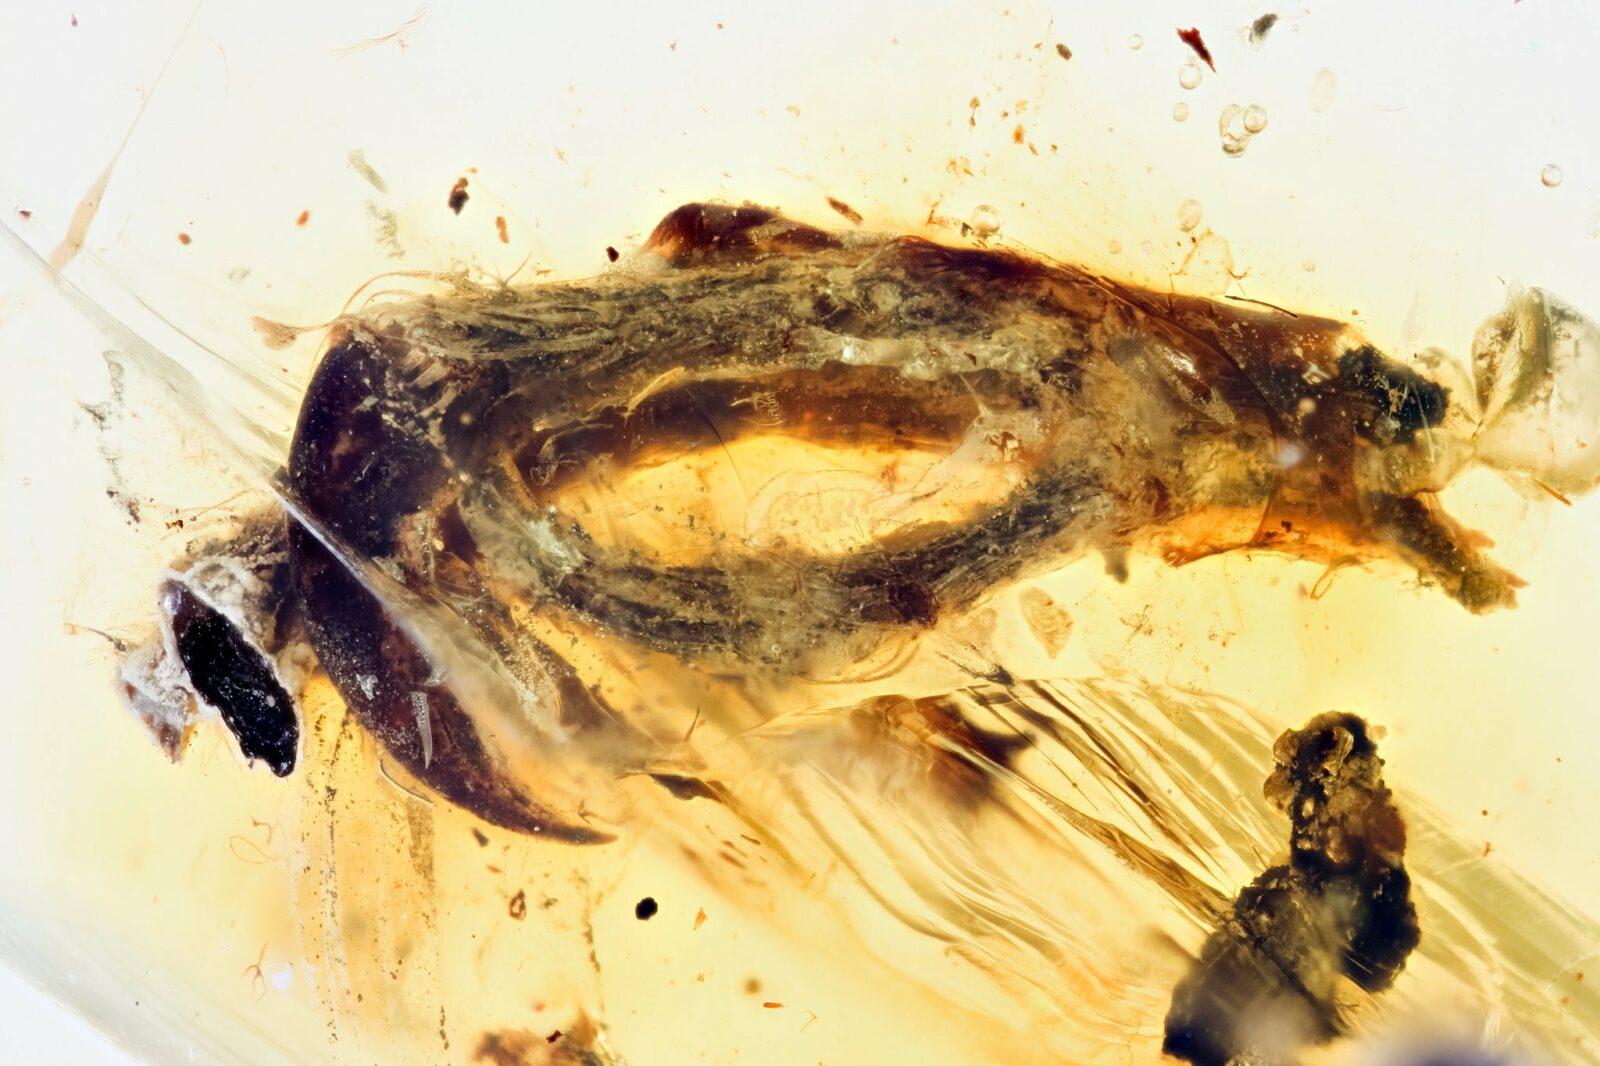 Застывшая в куске янтаря лапка древней птицы ознаменовала научный прорыв